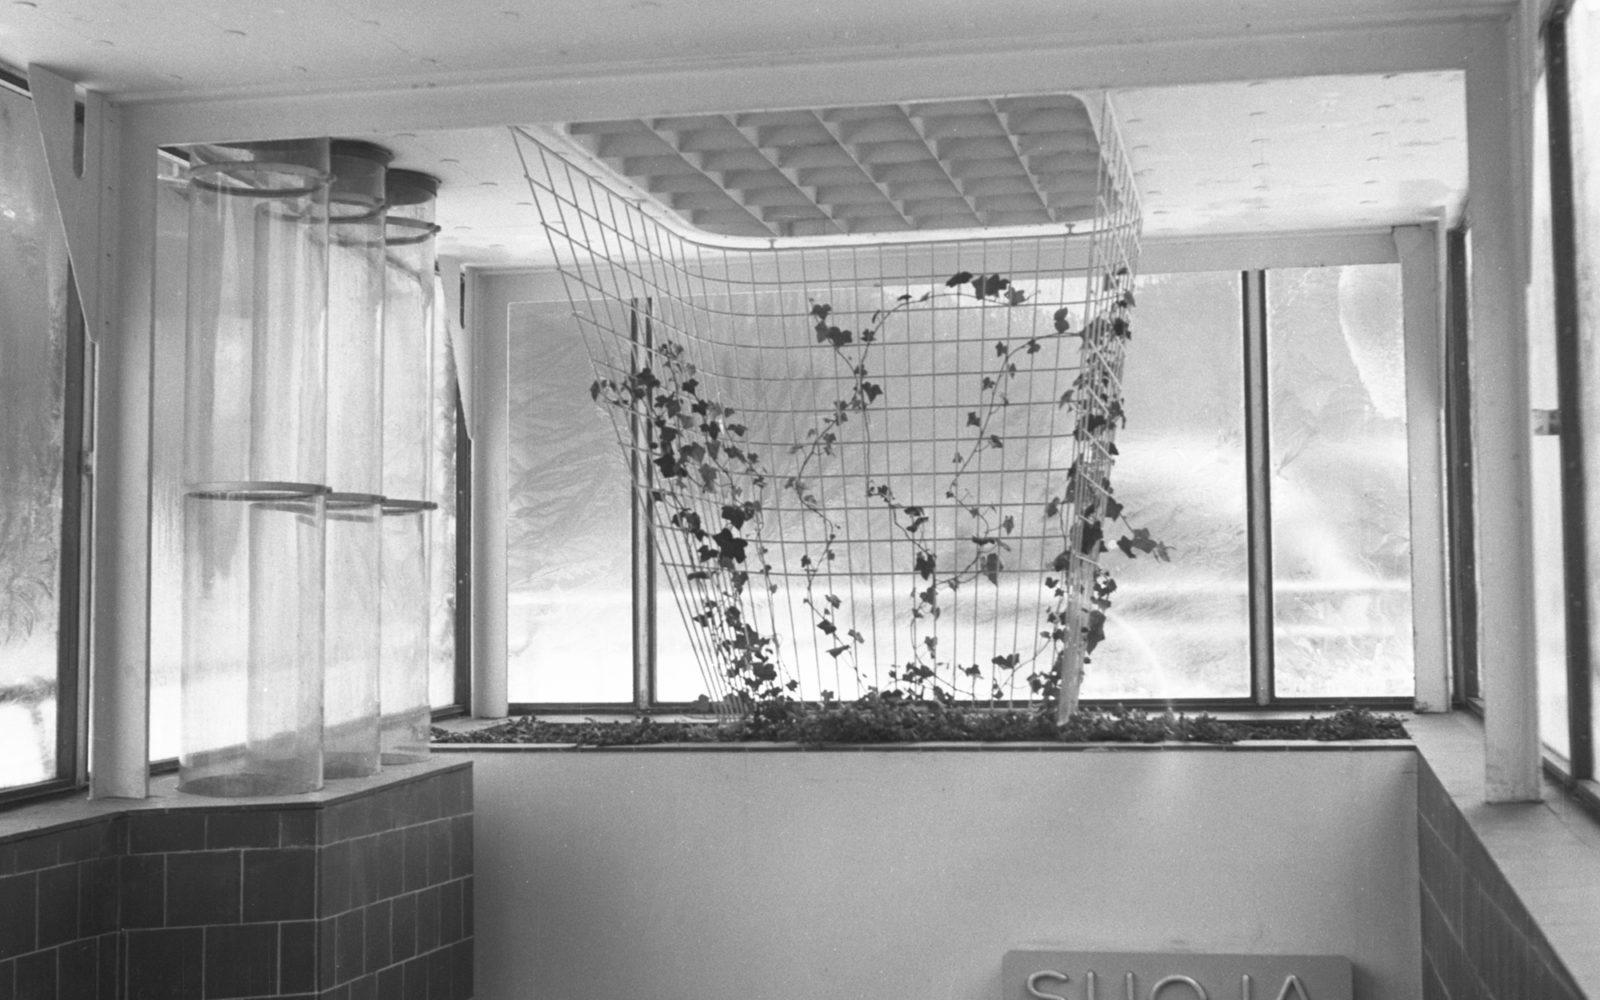 Erottajan-väestönsuojan-sisäänkäynti-1950-1951-kuva-alvar-aalto-museo